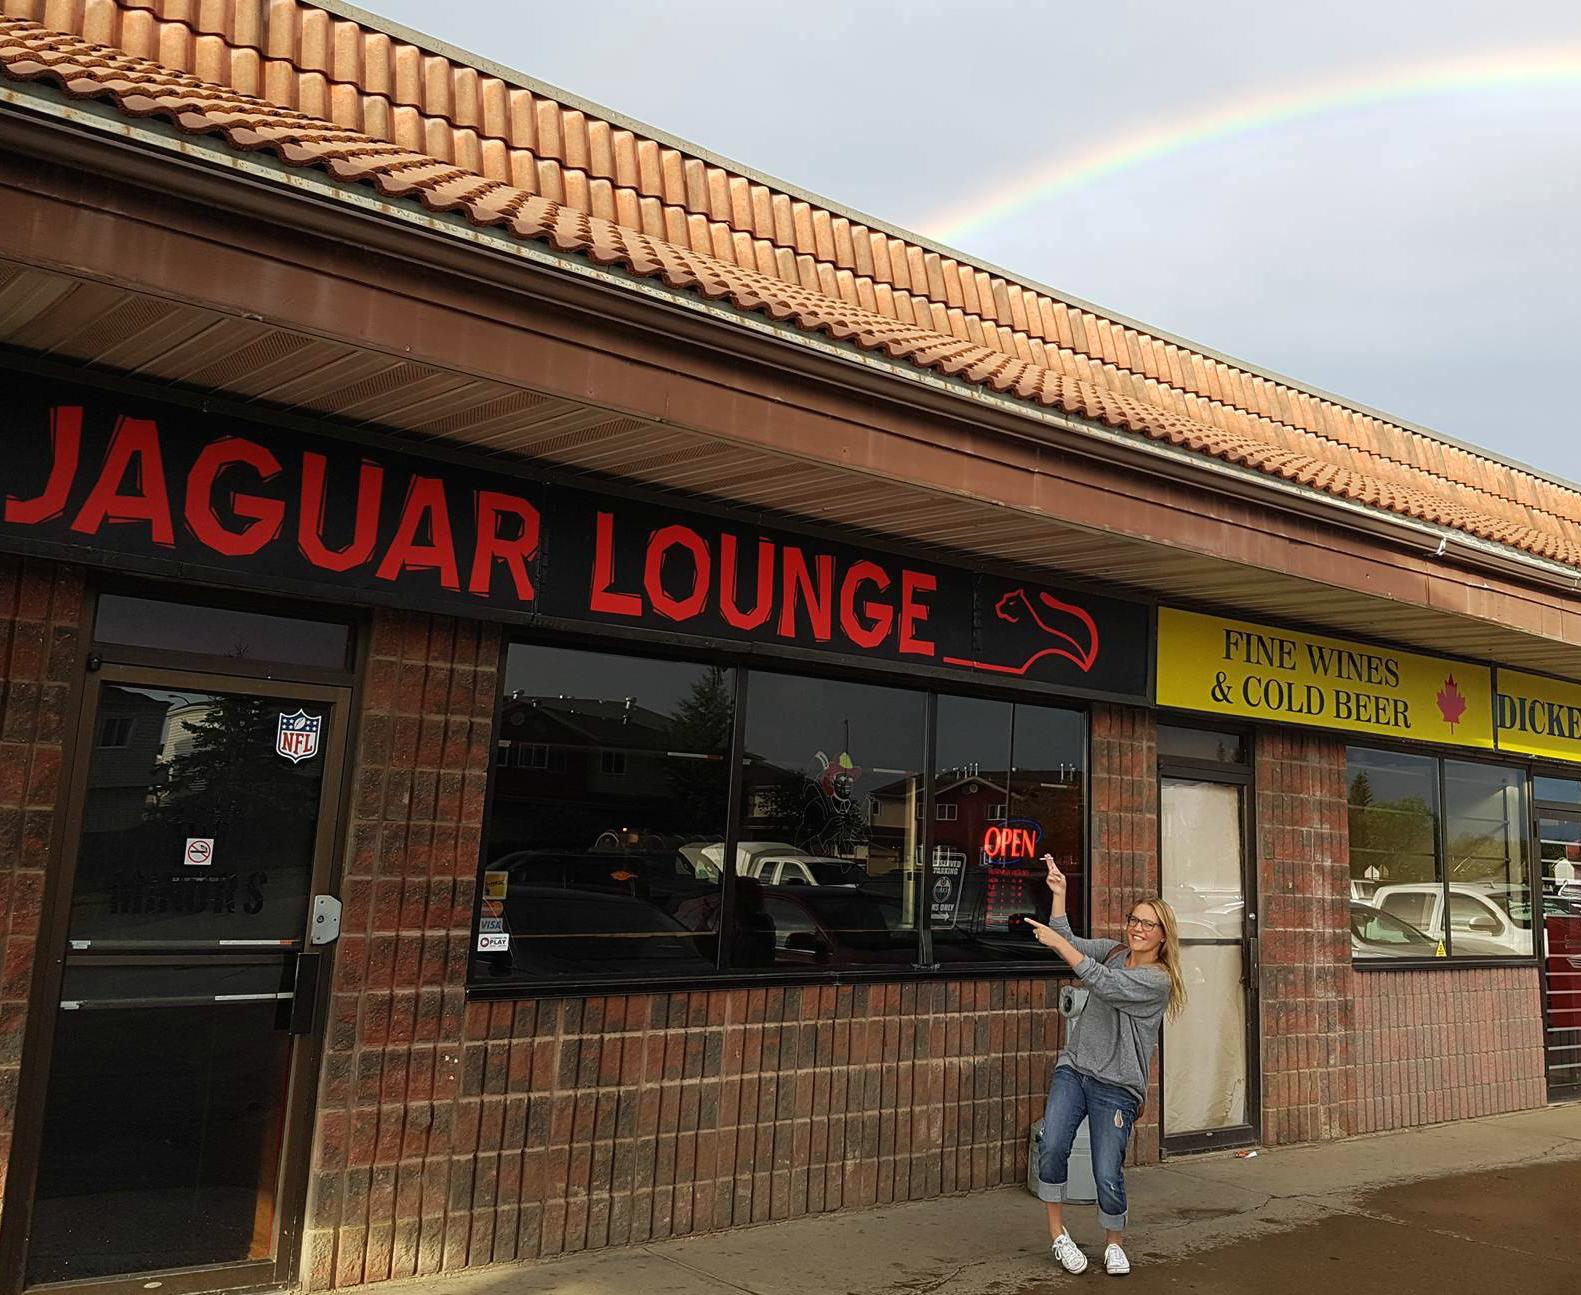 Jaguar Lounge